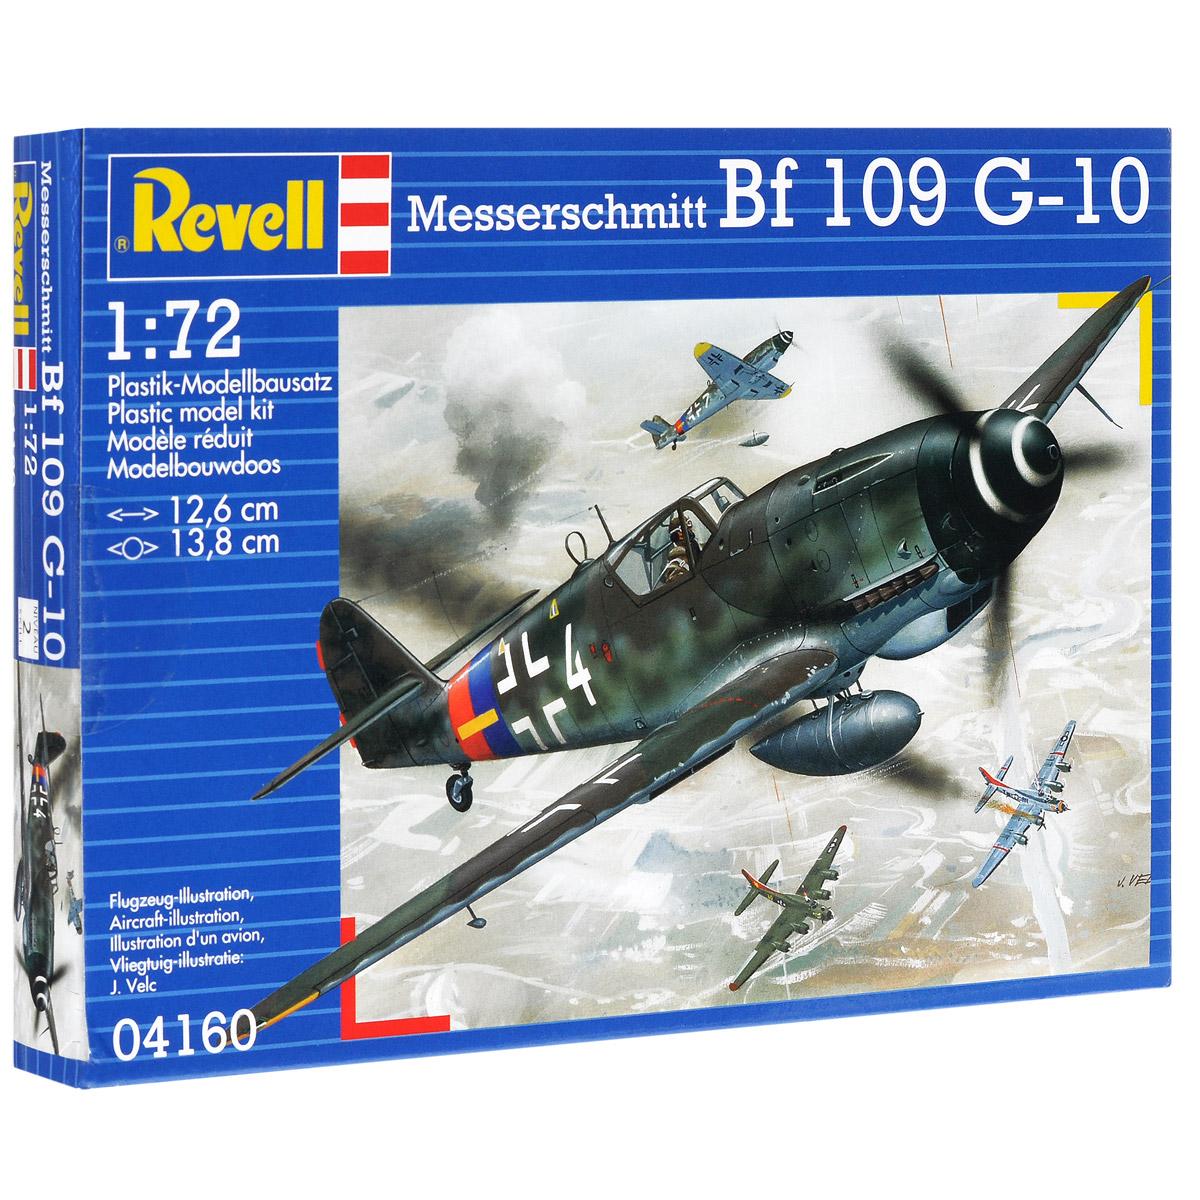 Сборная модель Revell Самолет Messerschmitt BF 109 G-1004160Сборная модель Revell Самолет Messerschmitt BF 109 G-10 поможет вам и вашему ребенку придумать увлекательное занятие на долгое время. Набор включает в себя 37 пластиковых элементов, из которых можно собрать достоверную уменьшенную копию одноименного самолета. Messerschmitt Bf 109 - самый известный и самый массовый немецкий истребитель Второй Мировой. За годы войны промышленность Германии произвела 33 984 самолетов данной модели. По показателю массовости Мессер проигрывает только советскому штурмовику Ил-2. Впервые Bf 109 был использован пилотами легиона Кондор во время гражданской войны в Испании. В ходе Второй мировой Мессер широко применялся на всех театрах военных действий. В том числе и на Восточном фронте. Советские пилоты с уважением относились к этой машине и признавали в ней самого опасного воздушного противника. Стоит отметить, что самый результативный летчик Второй мировой немецкий ас Эрих Хартманн пилотировал именно Messerschmitt Bf 109. G-10 стала самой...